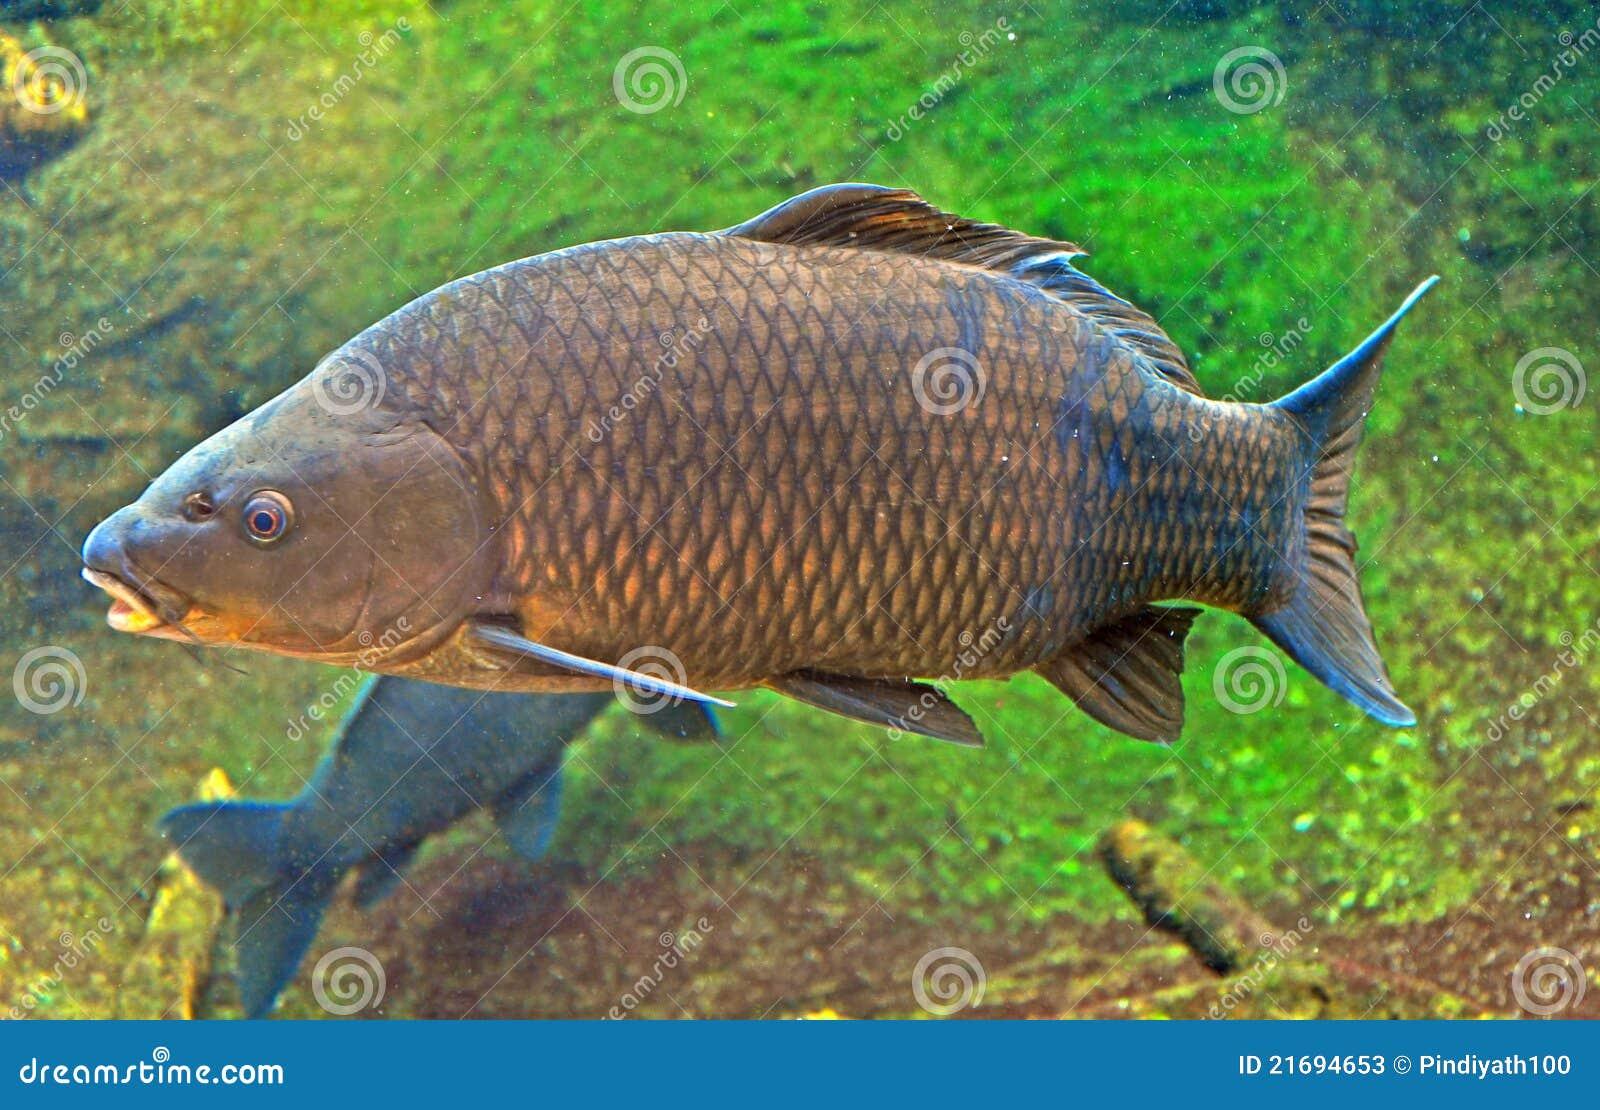 Carpa giapponese immagine stock immagine di swimming for Carpa giapponese prezzo